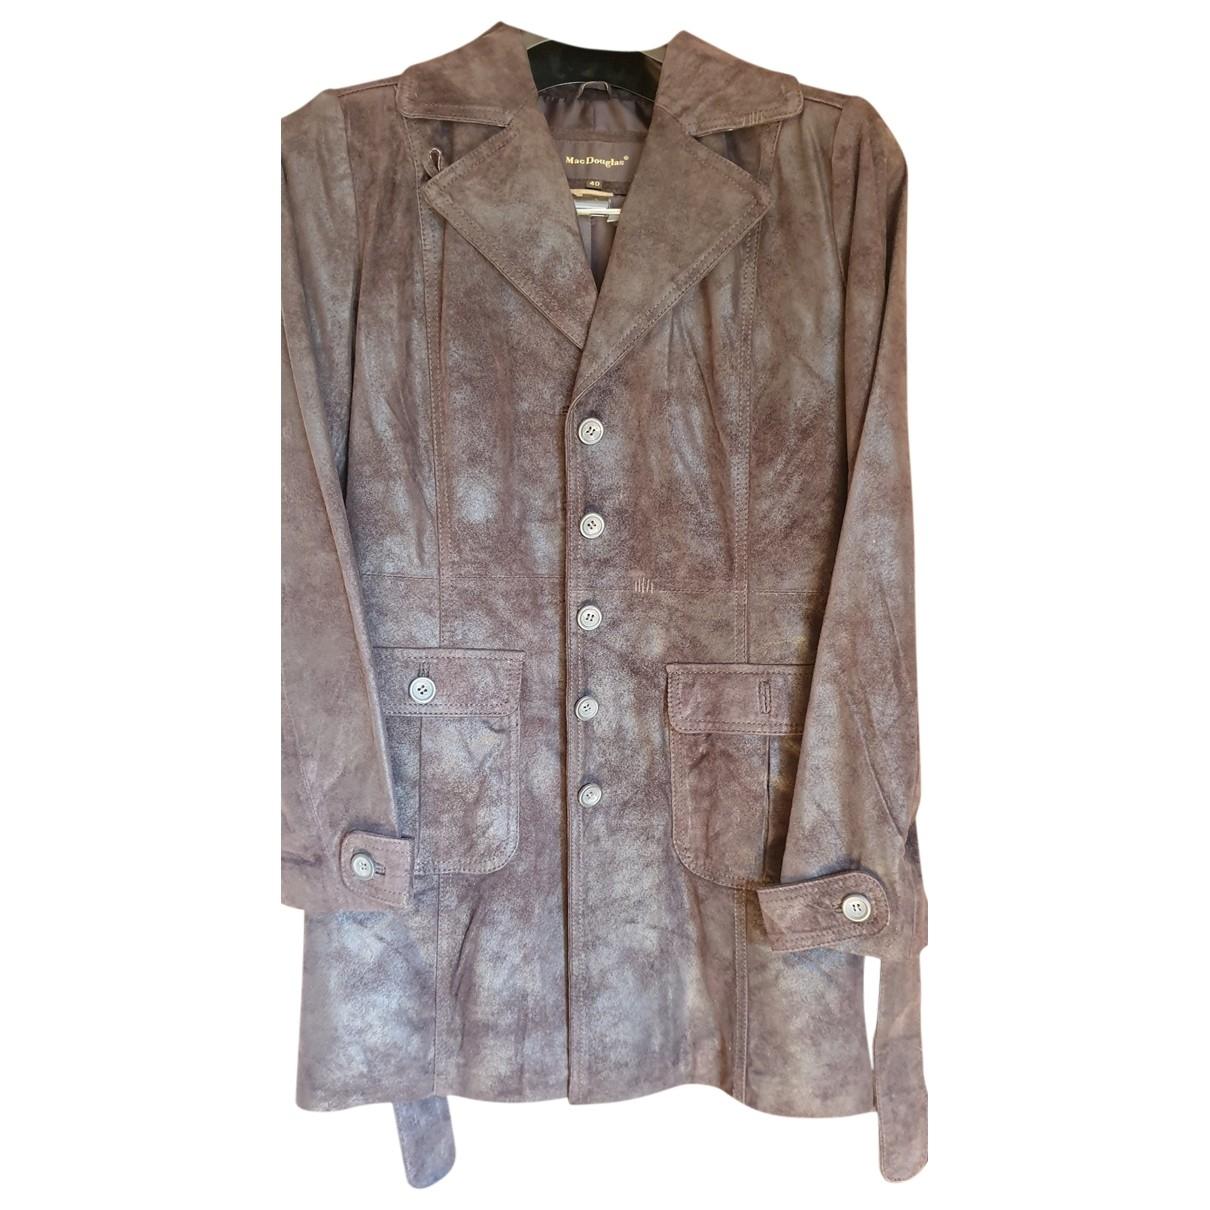 Mac Douglas - Manteau   pour femme en cuir - marron